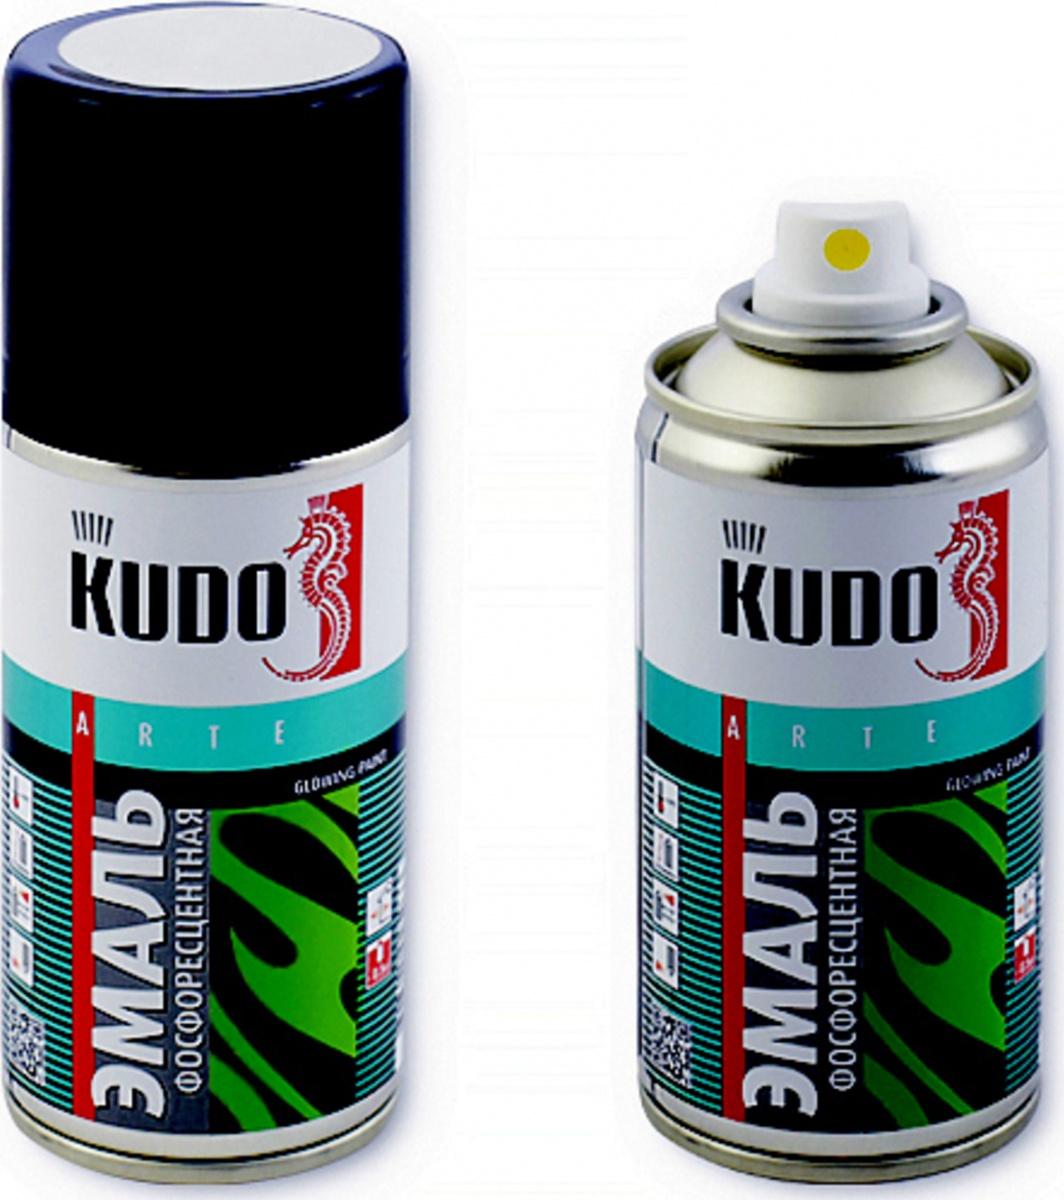 Эмаль KUDO фосфоресцентная с зелёно-желтым свечением